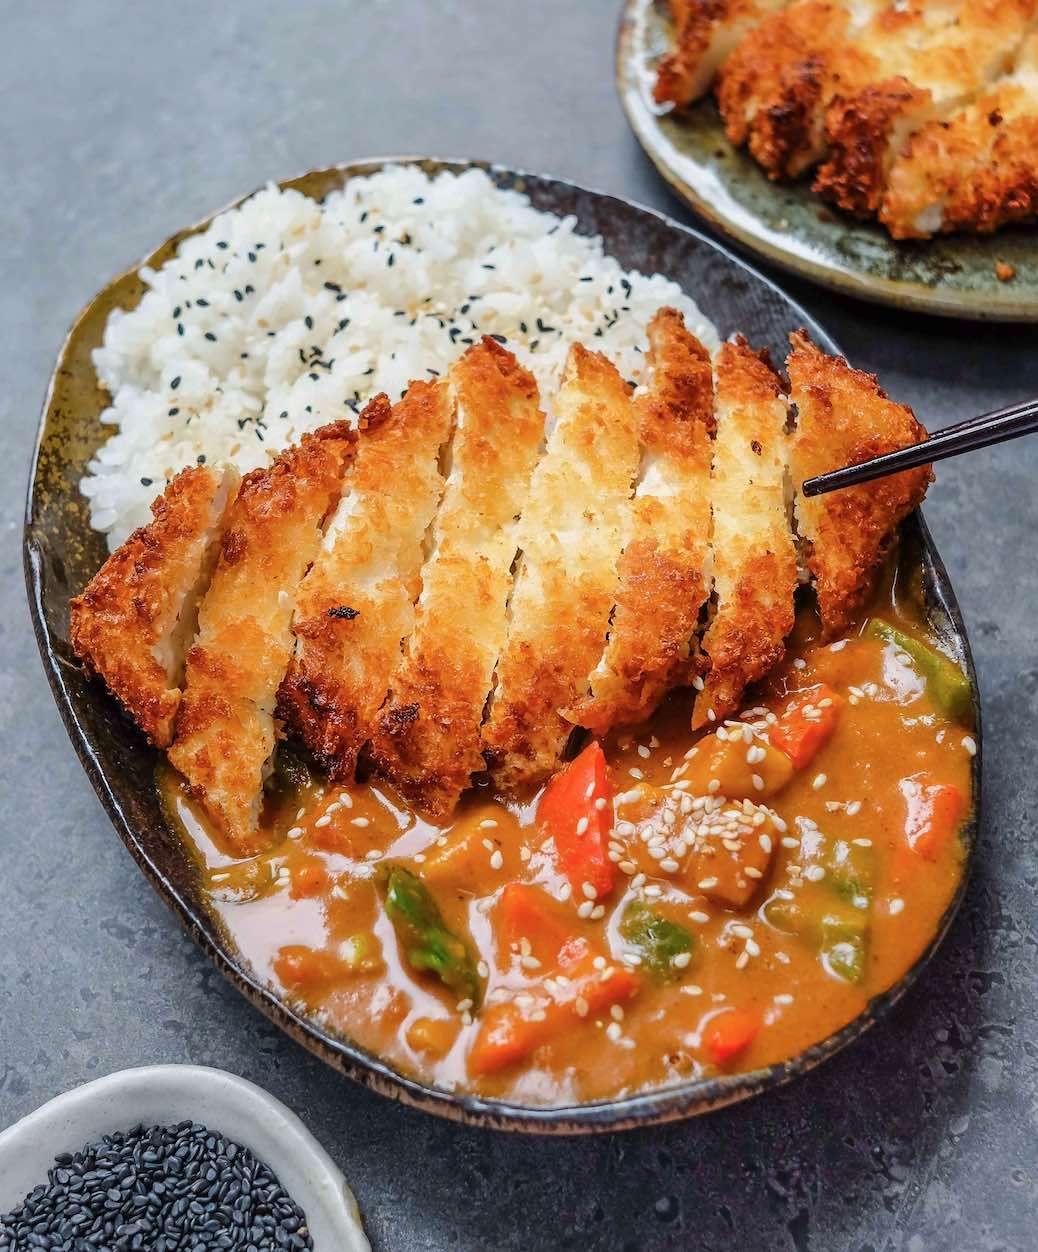 Tofu Katsu Curry Vegan Recipe Recipe In 2020 Katsu Recipes Japanese Curry Vegan Recipes Easy